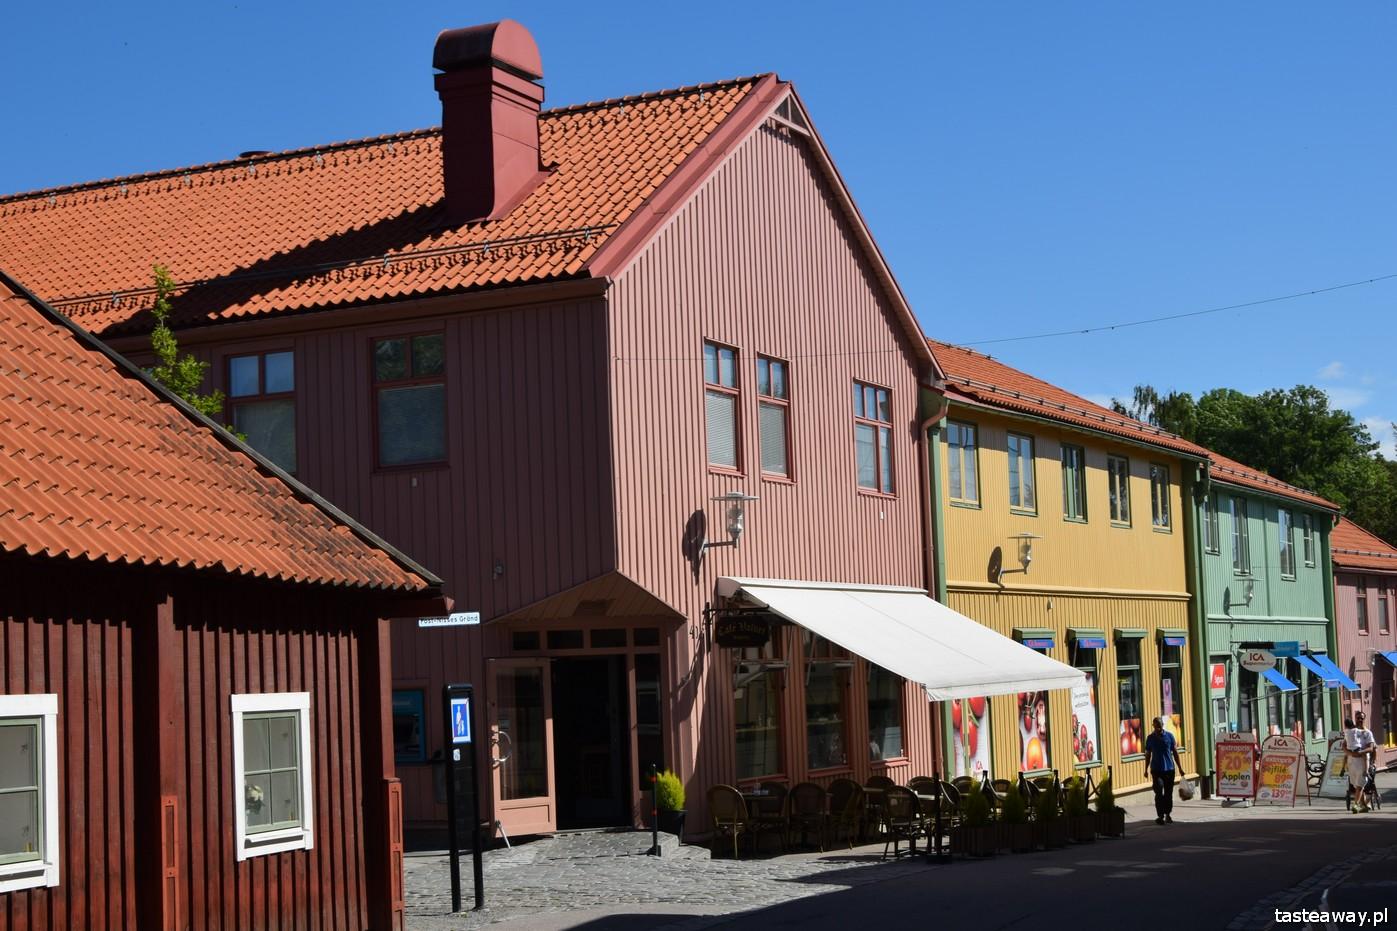 kamperem do Norwegii, kamper, Norwega, Sigutuna, co zobaczyć w Szwecji, kamperem po Szwecji, kanelbulle